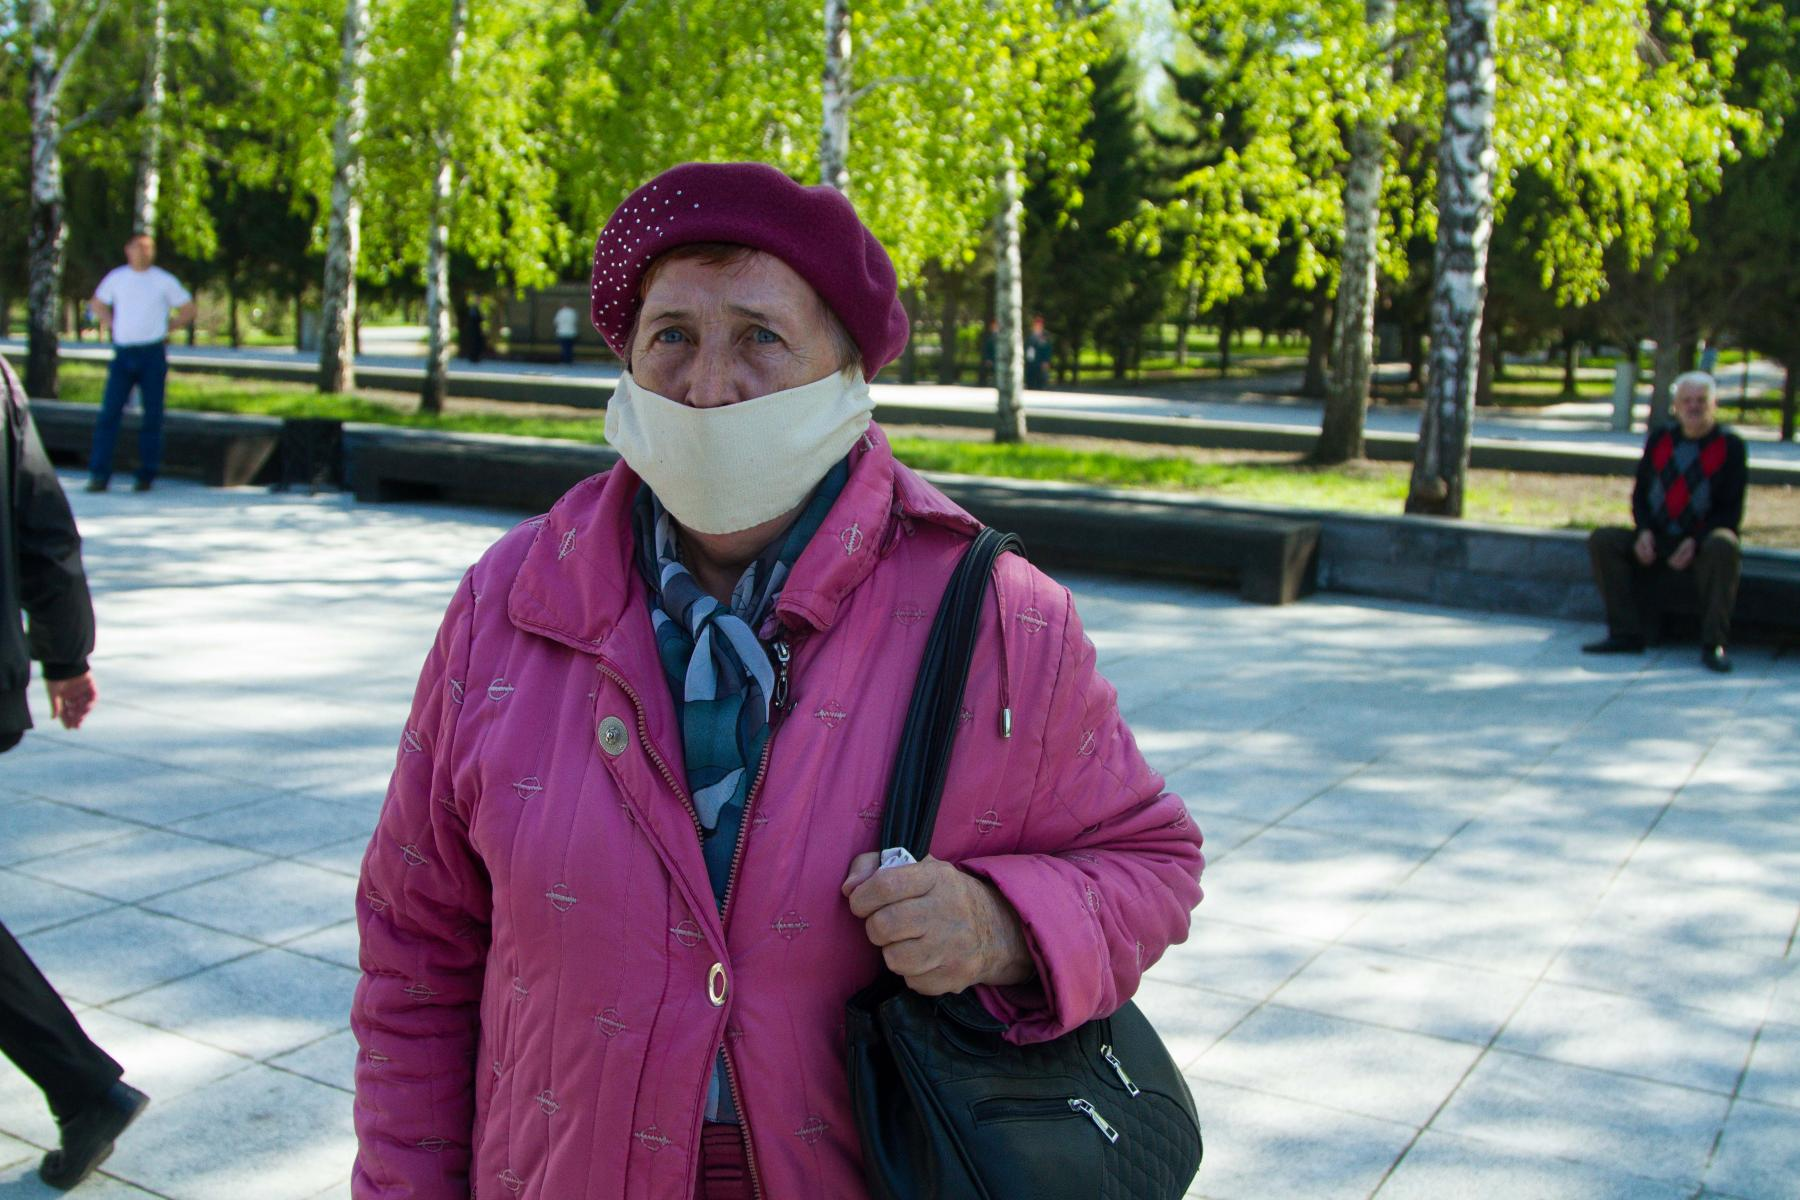 Фото Новосибирцы 9 мая идут к Вечному огню, несмотря на коронавирус 11